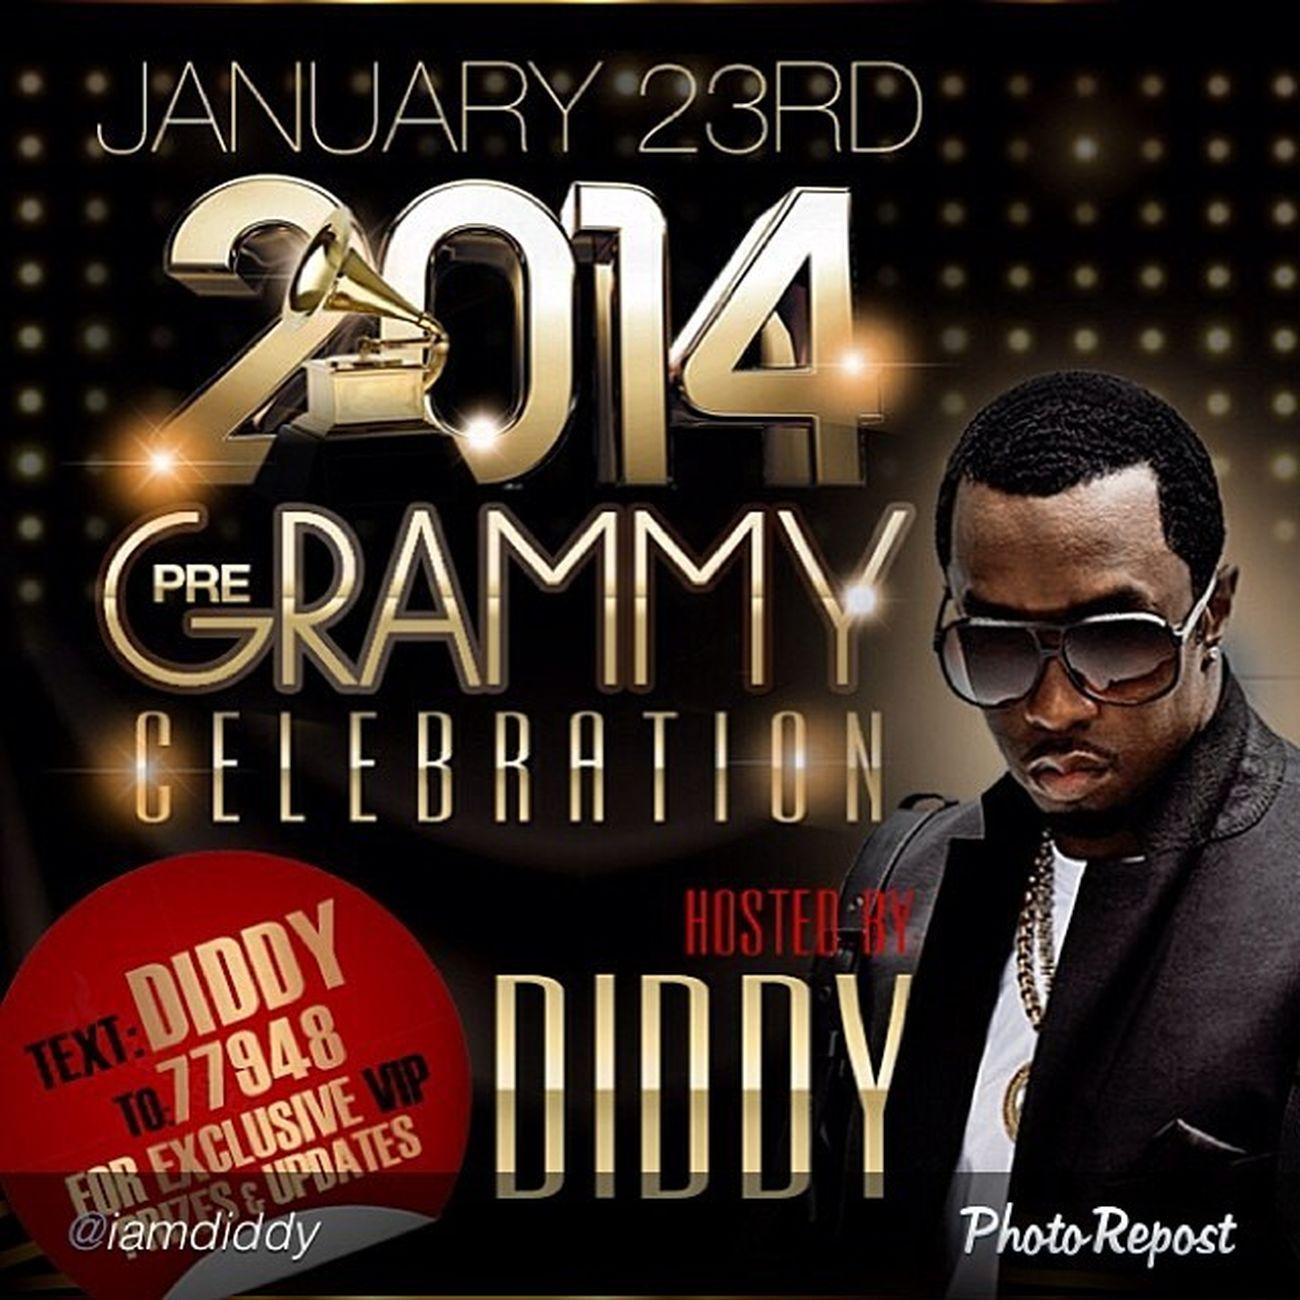 by @iamdiddy via @PhotoRepost_app Extraticket Needaticket Whoisgoing ? Wantaticket Grammy GrammyTickets